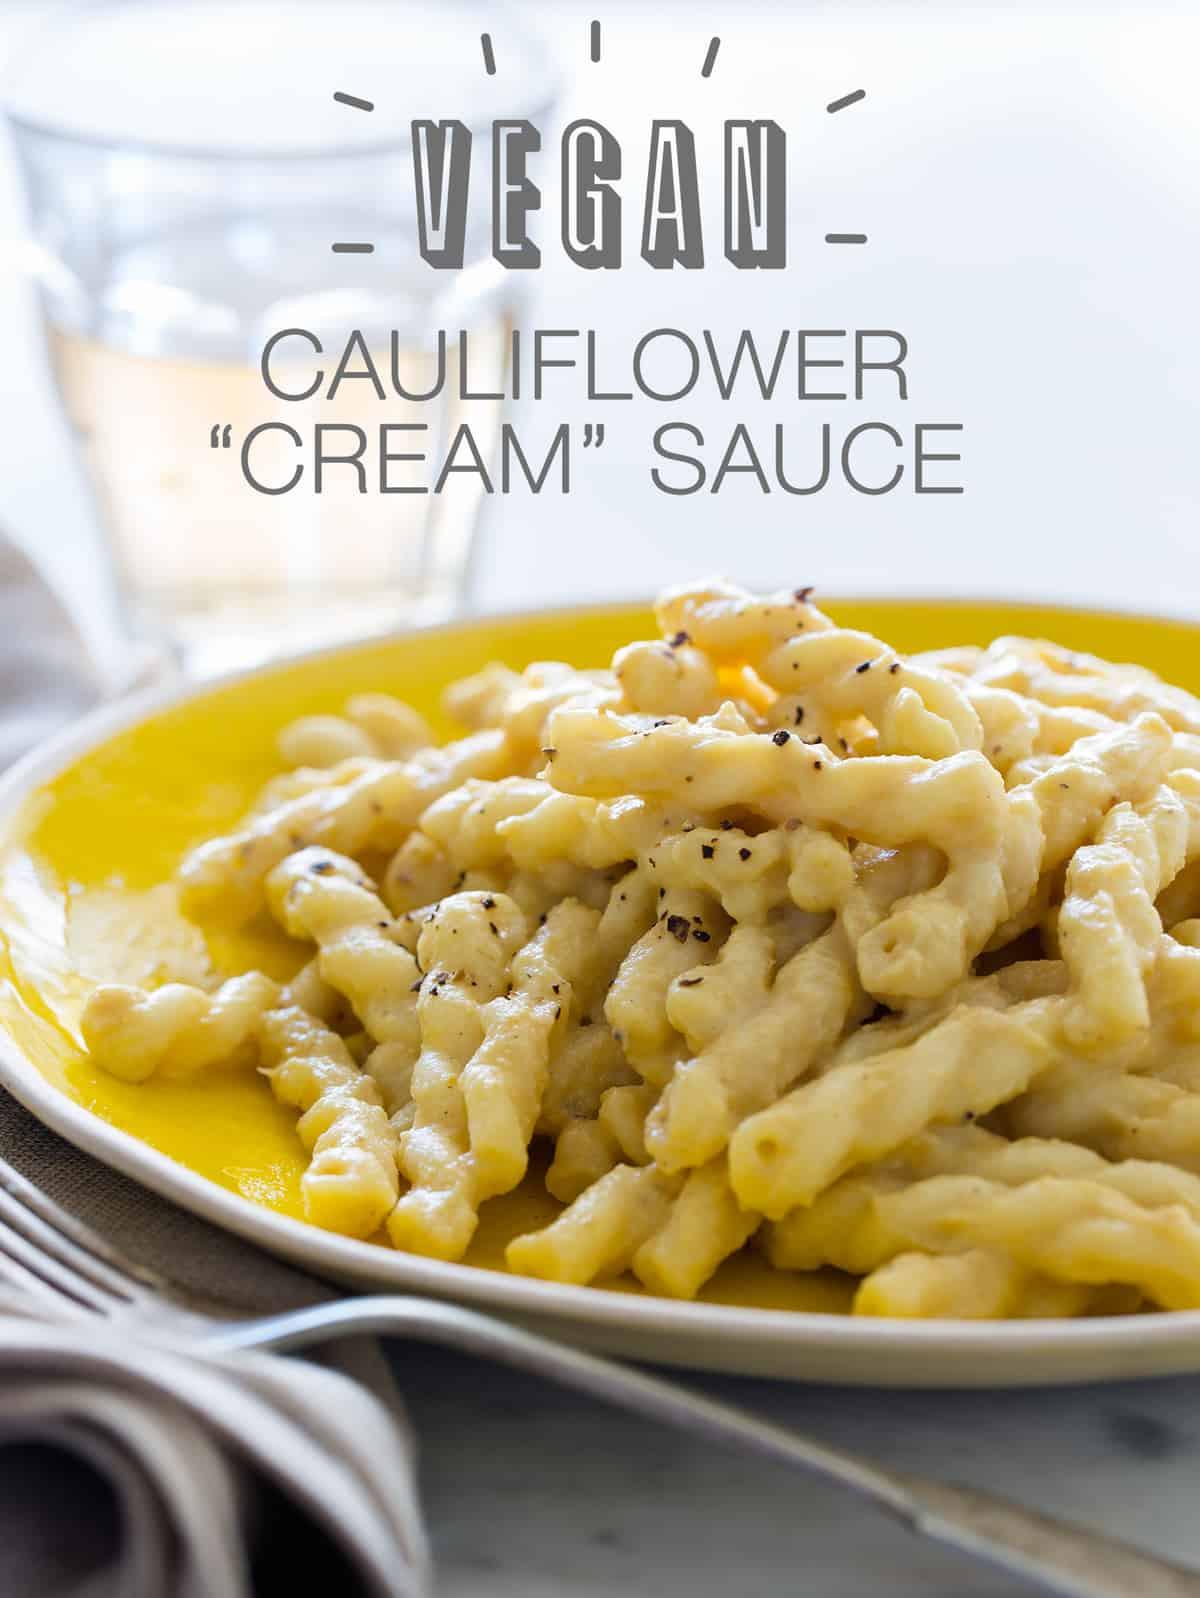 Vegetarian Sauces Recipes  Vegan Cauliflower Cream Sauce Vegan recipe